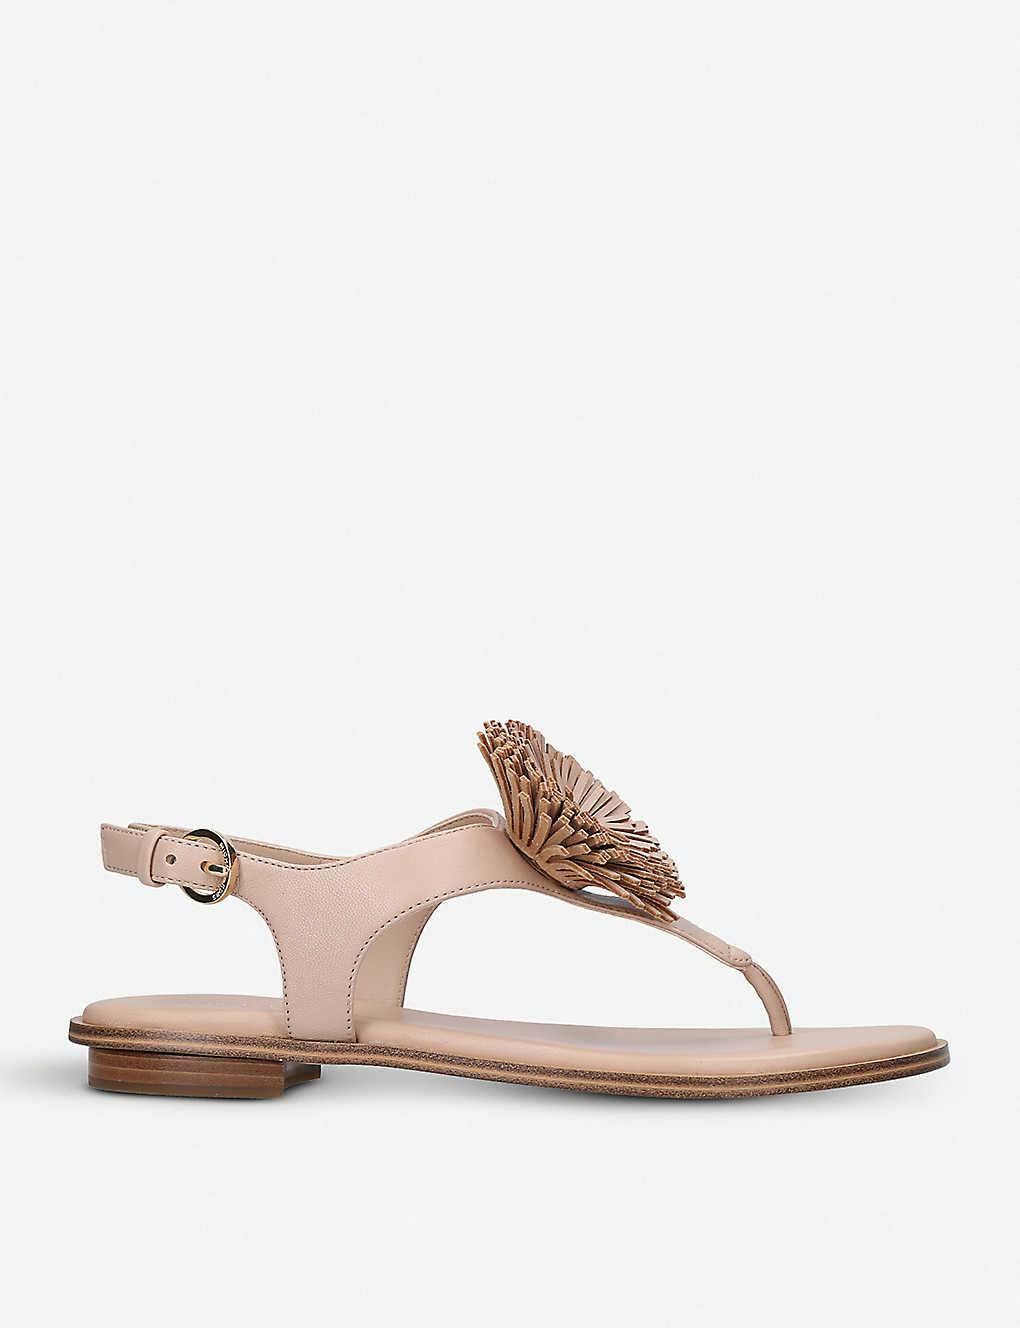 f70c29a9f6fe MICHAEL MICHAEL KORS - Lolita leather sandals